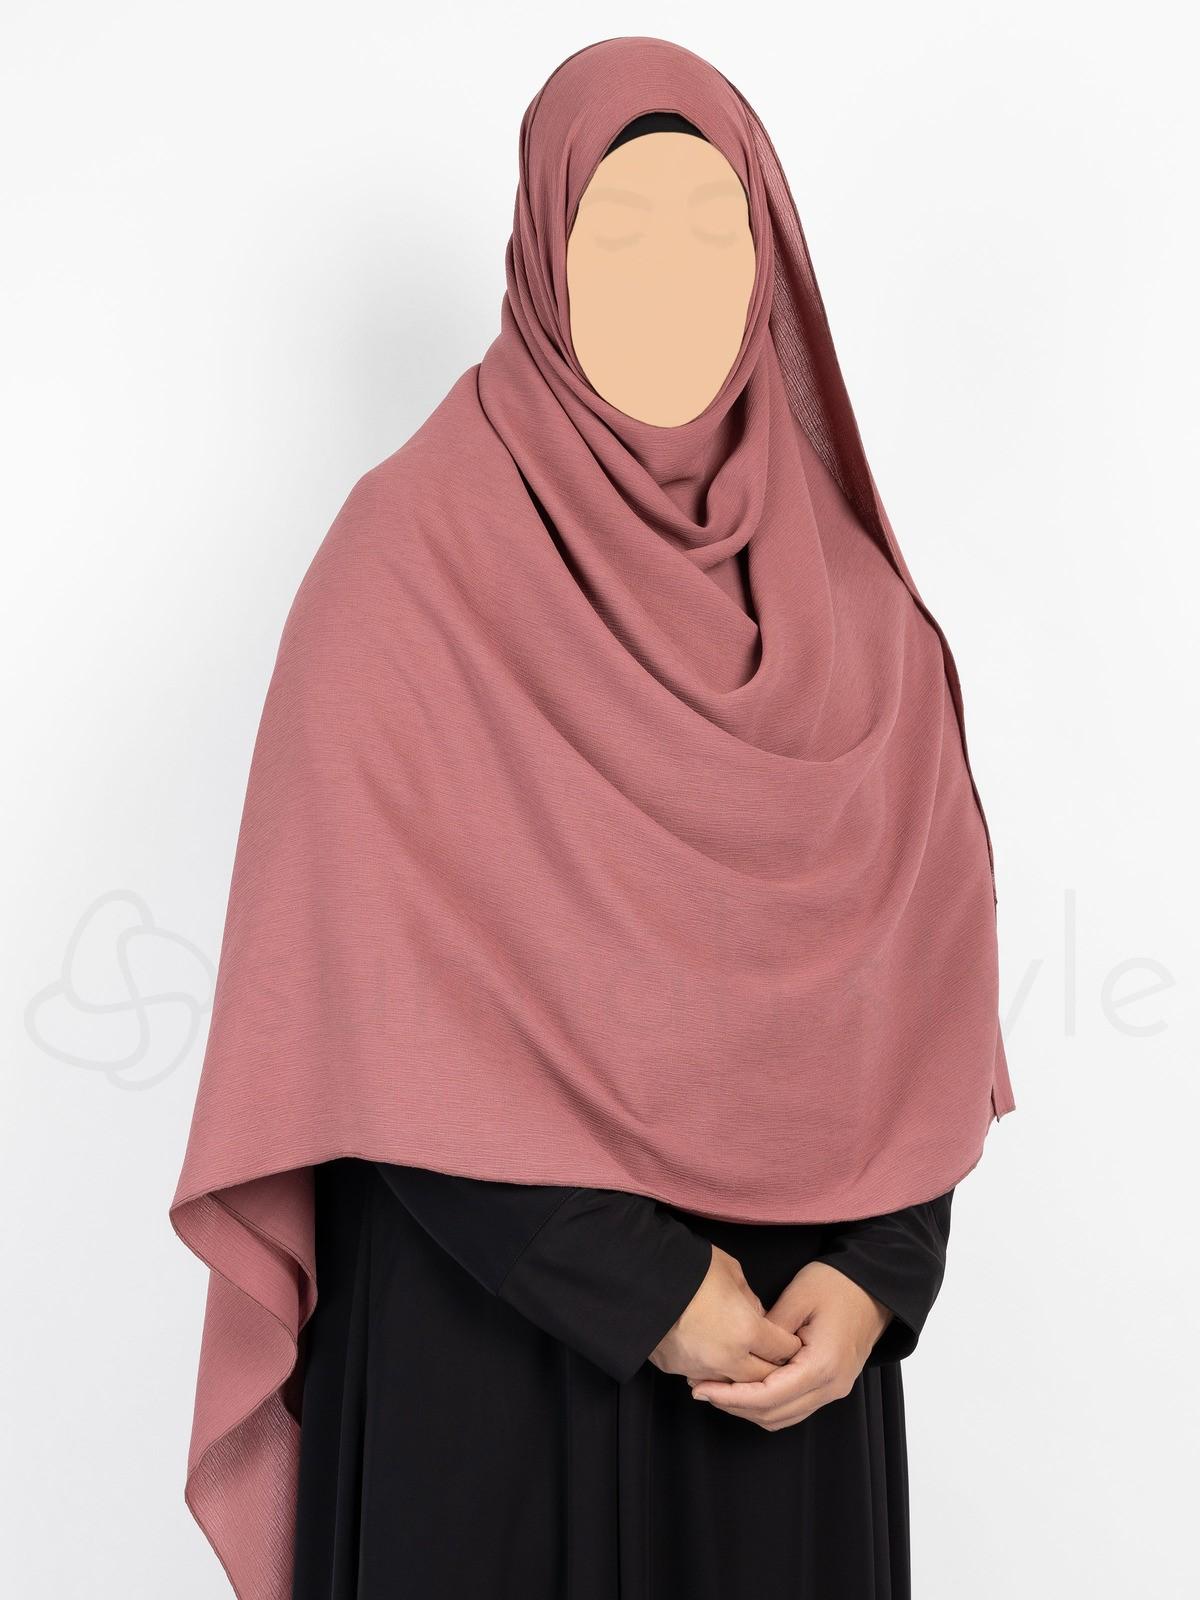 Sunnah Style - Brushed Shayla - XL (Canyon Rose)